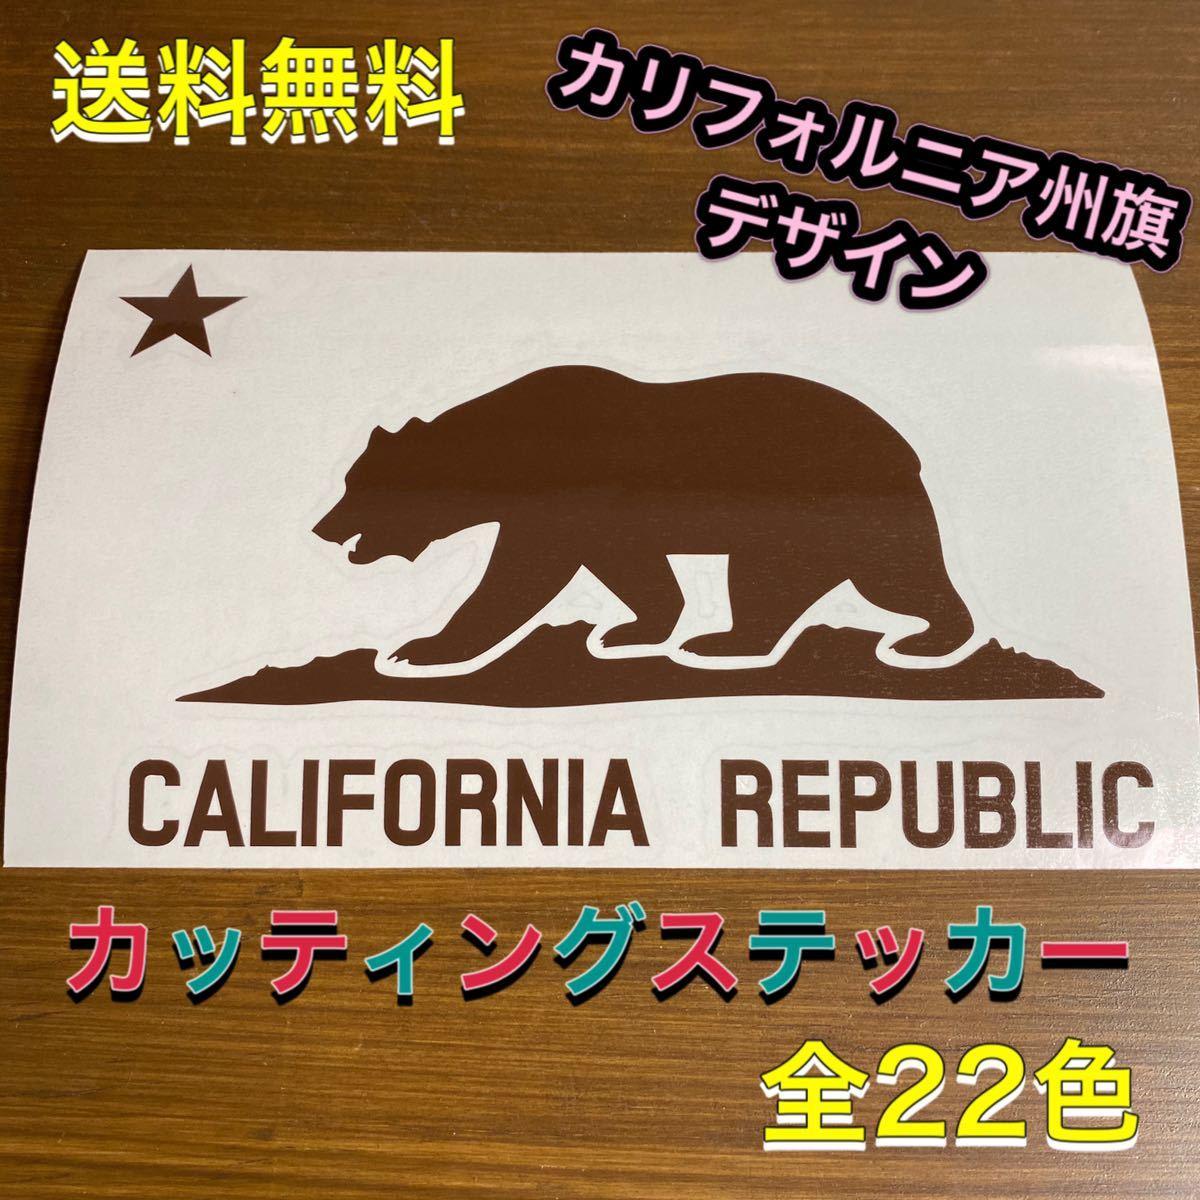 カリフォルニアリパブリック ステッカー_画像1